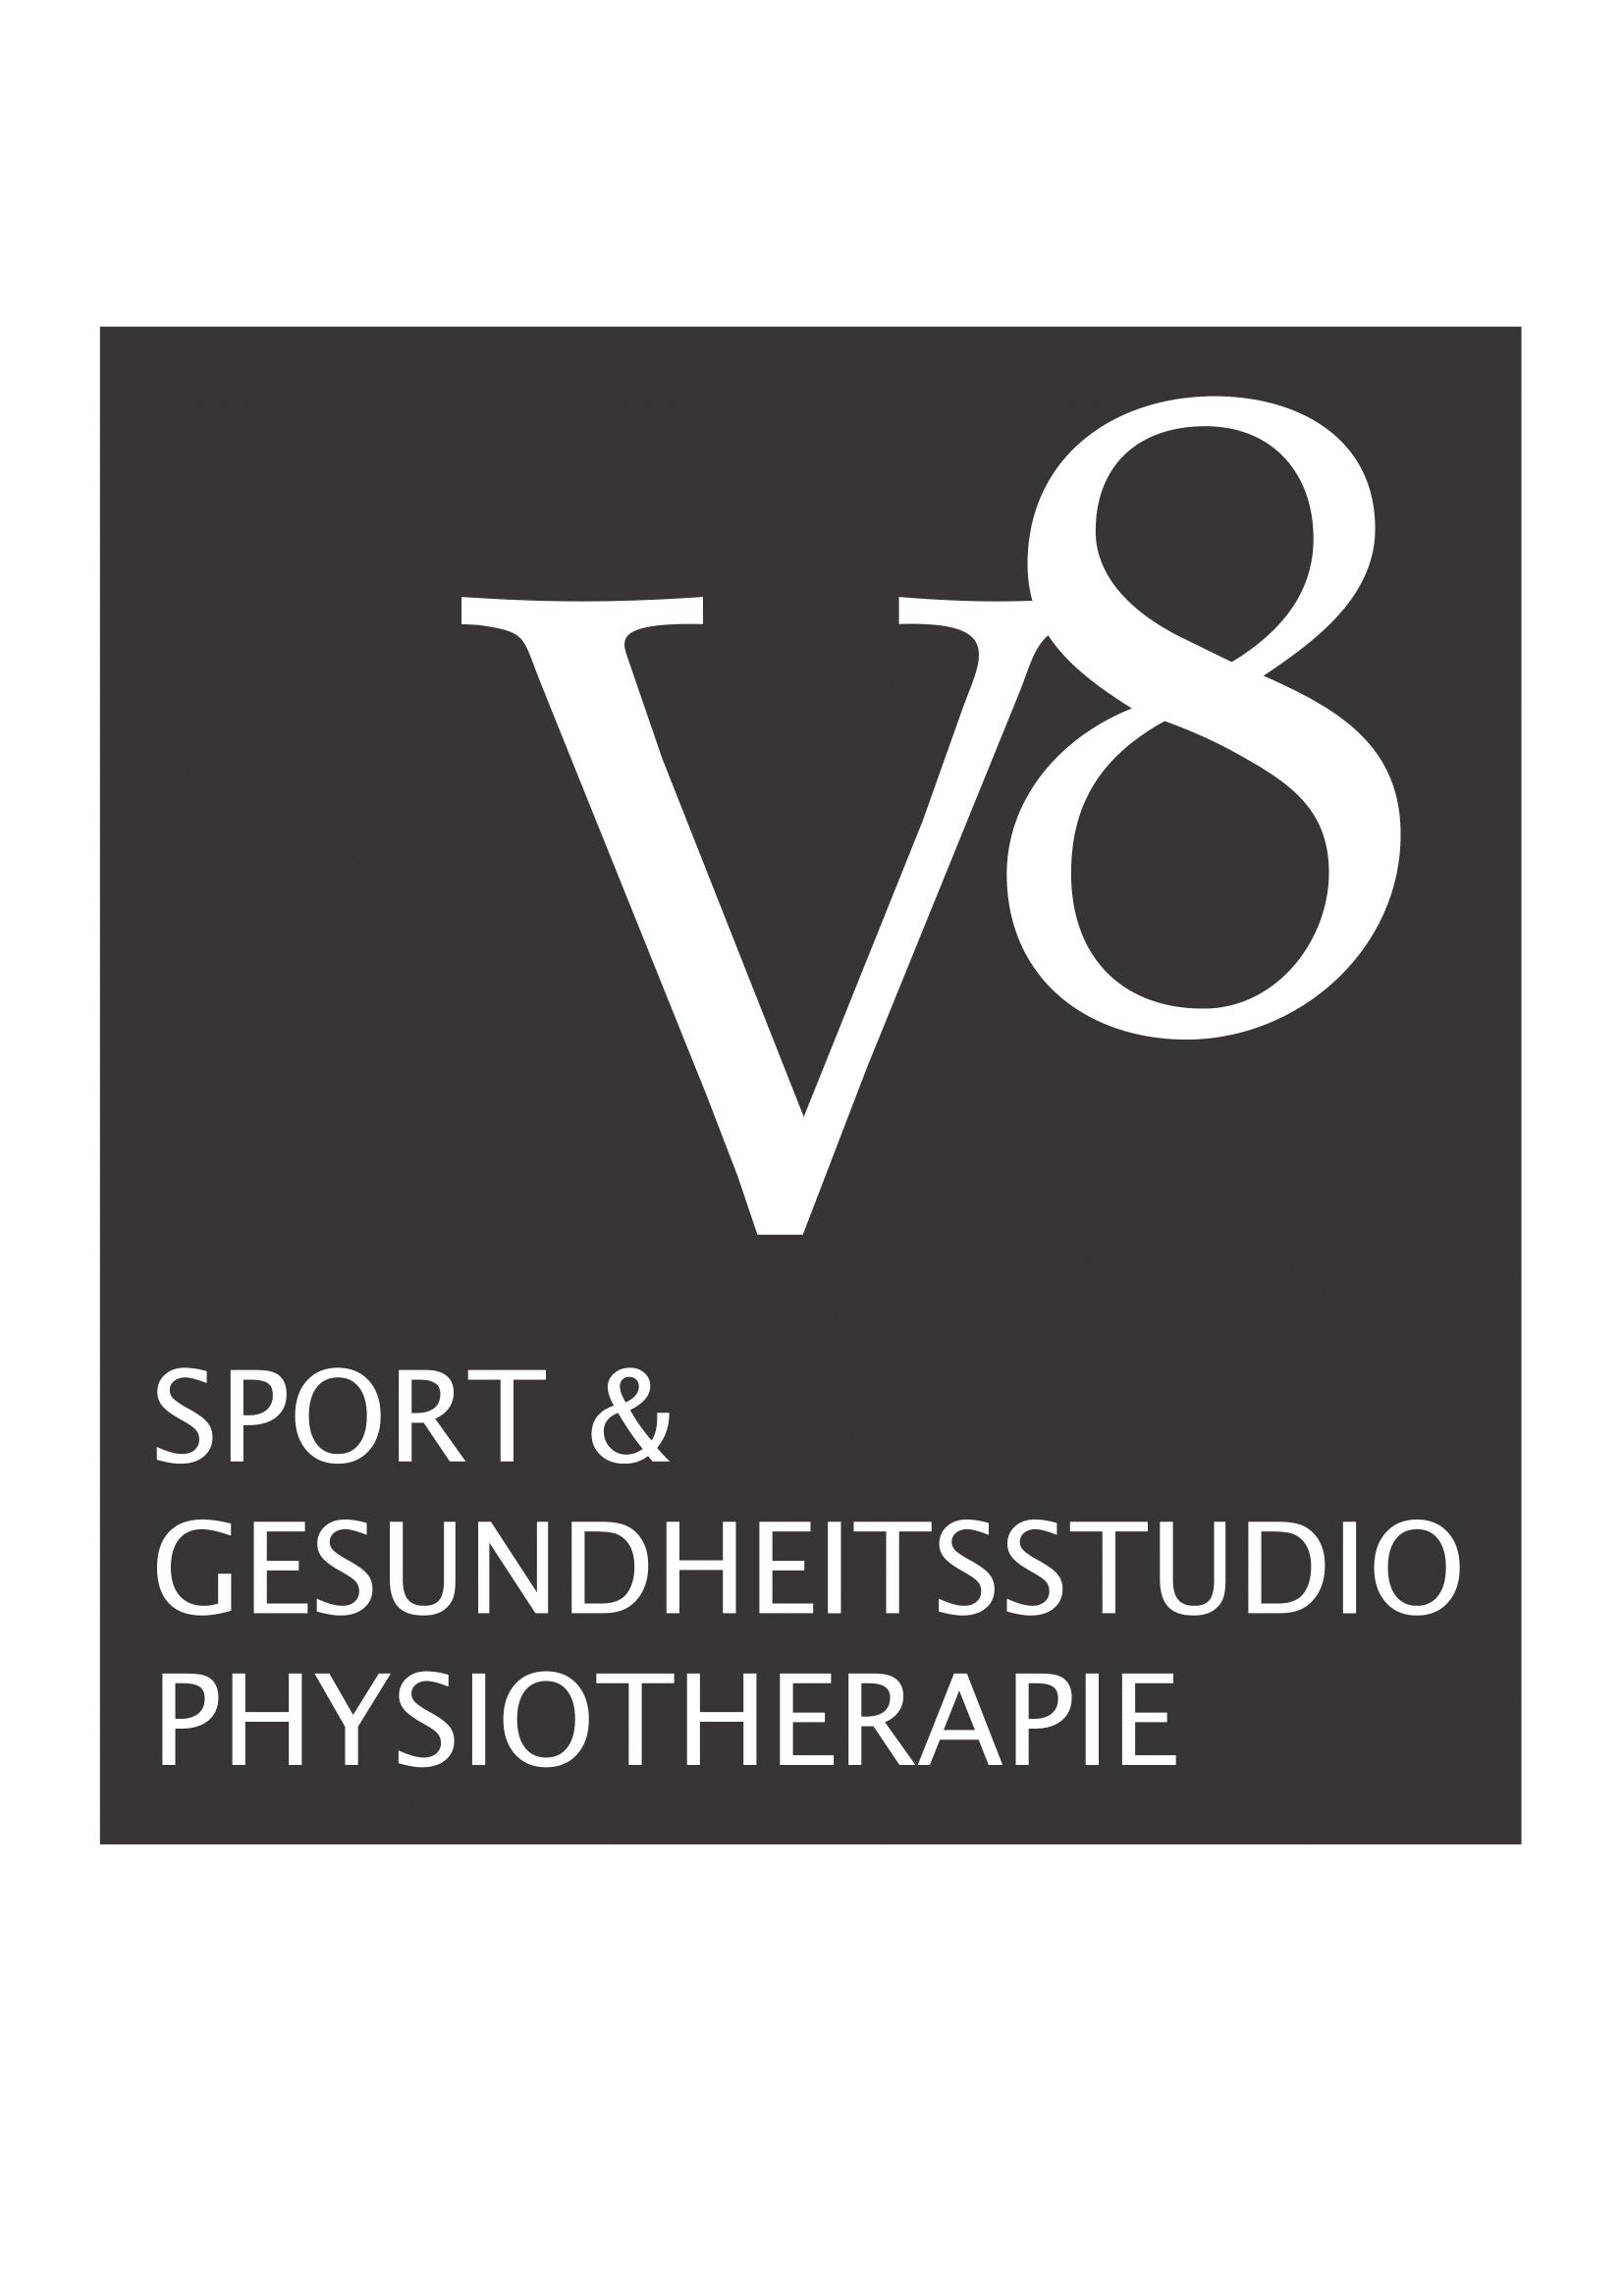 Vöhringen Fitnessstudio V8 Logo